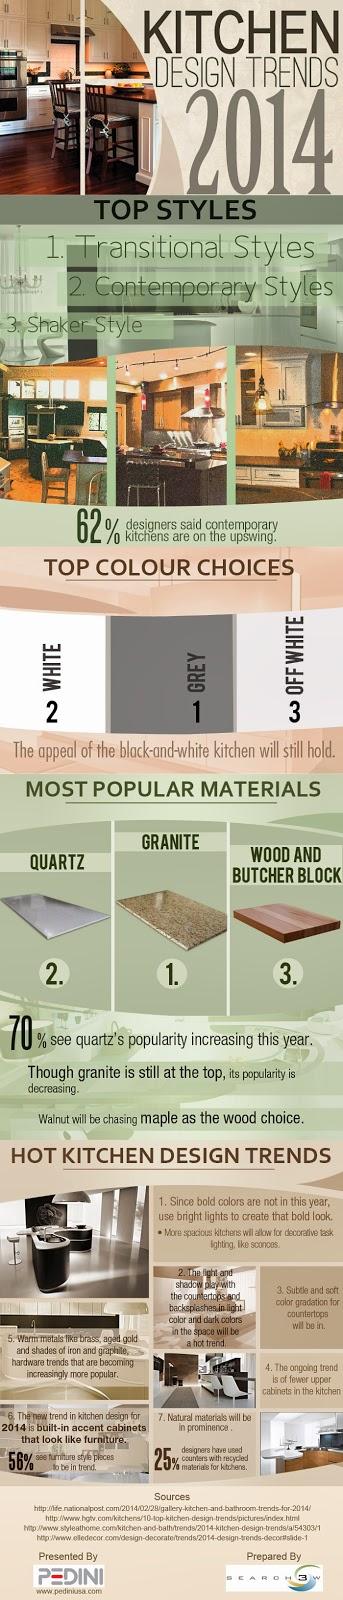 2014 kitchen designs